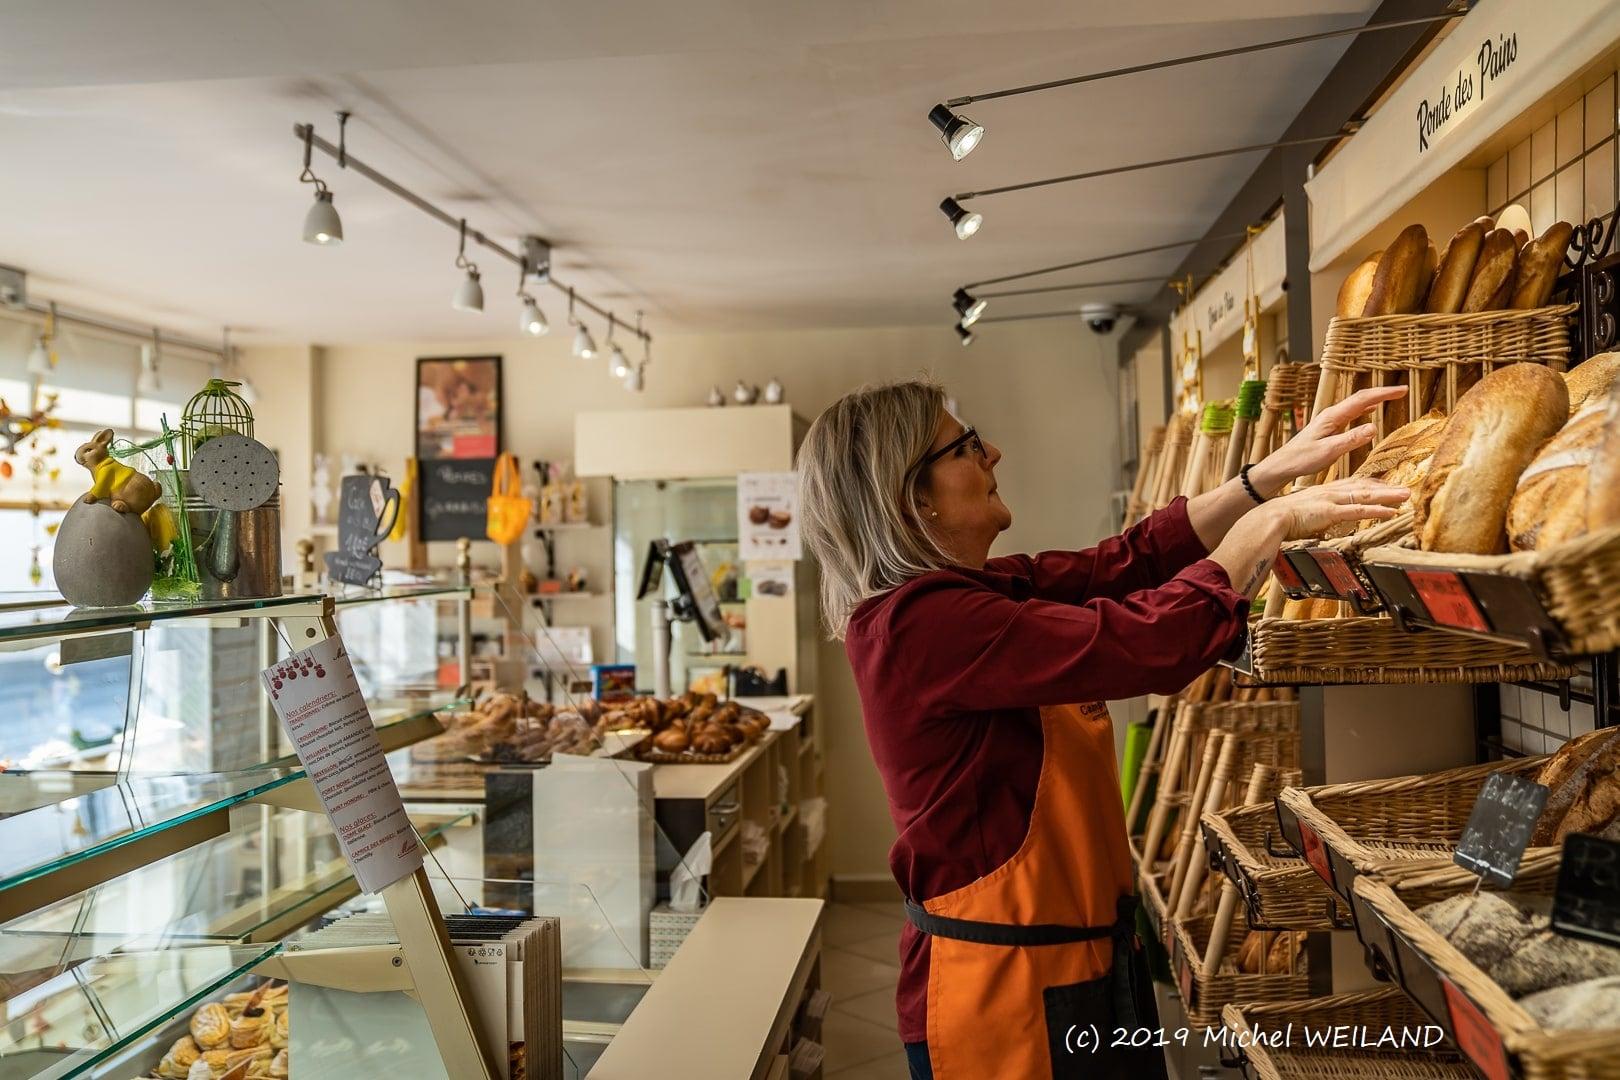 Boulangerie Preisler à Courcelles-Chaussy - rangement des pains